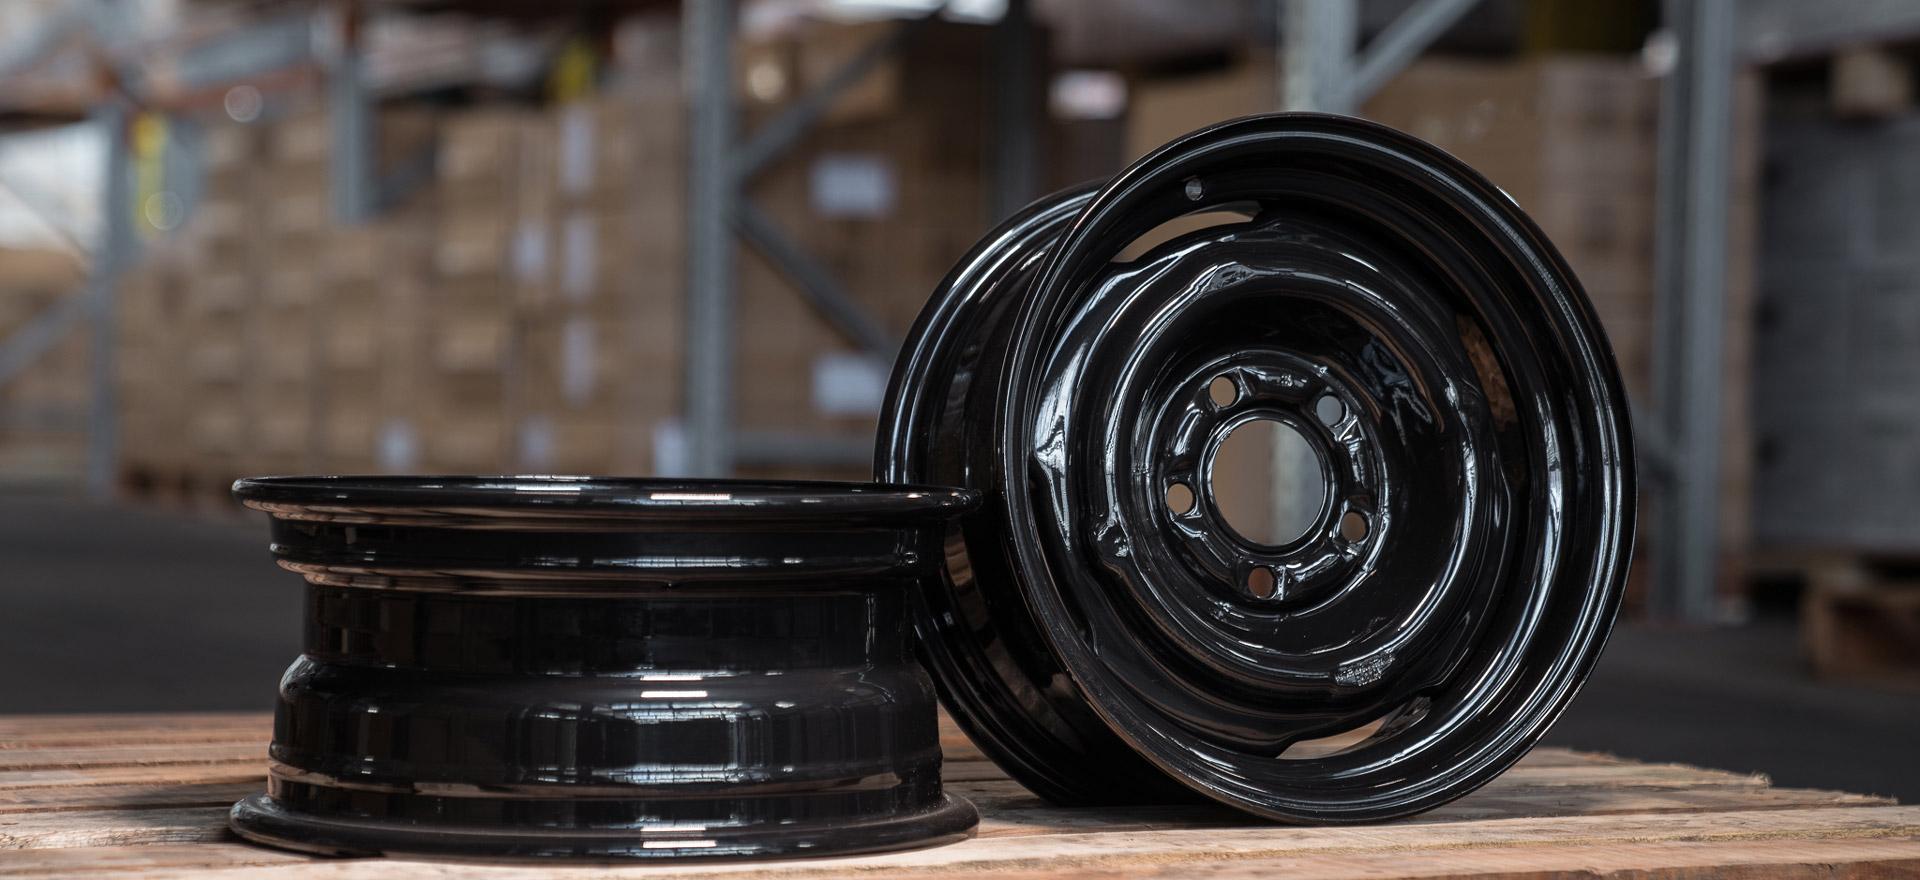 Caravan Black Steel Wheel in Warehouse